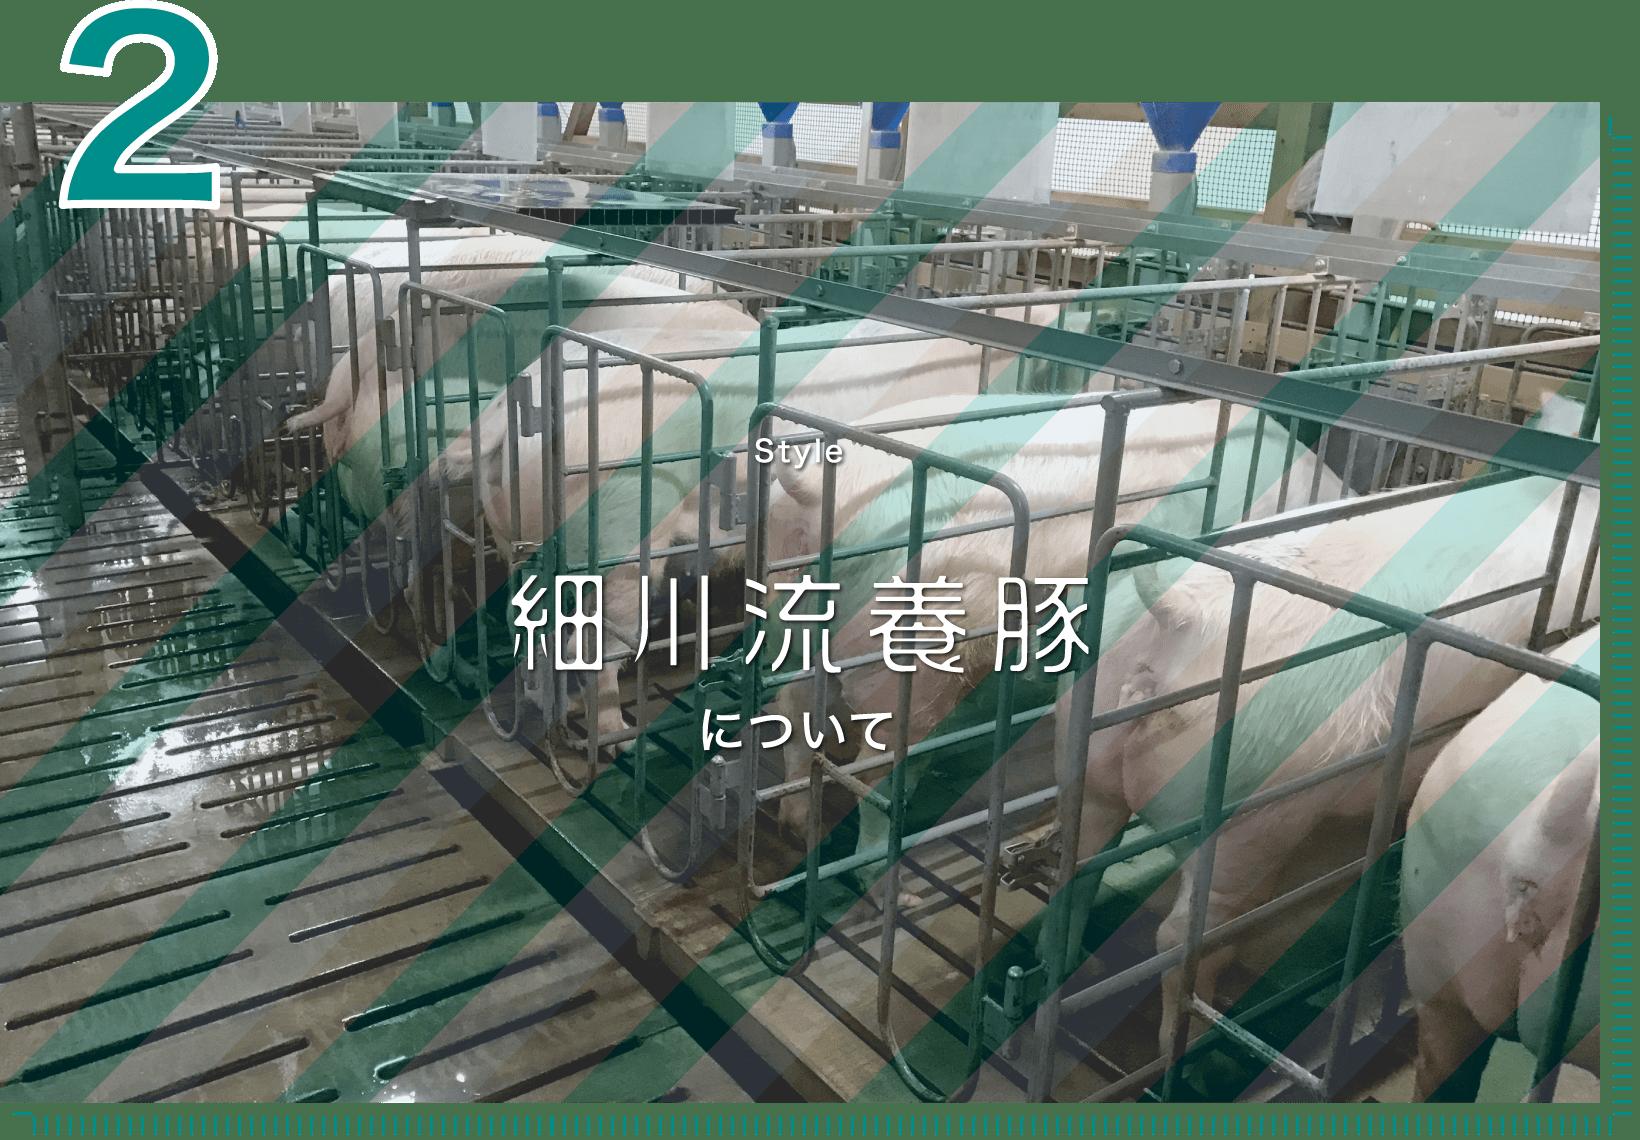 2 Style 細川流養豚について